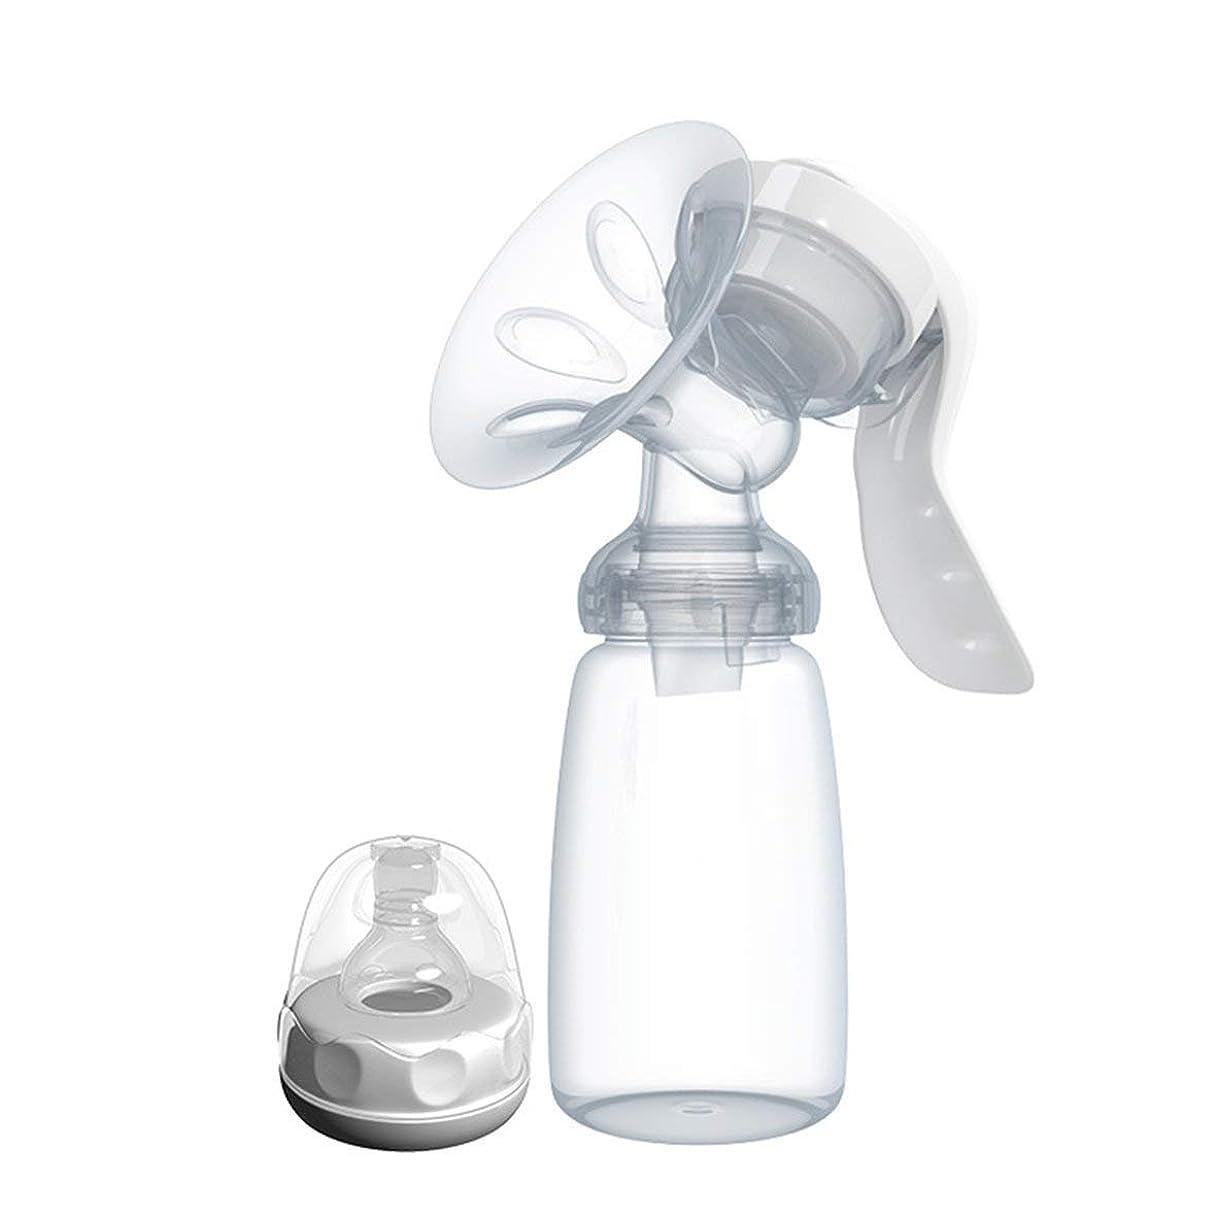 独占振りかけるインストールBlackfell 搾乳器150ml調節可能な手動搾乳器乳首吸引供給牛乳瓶